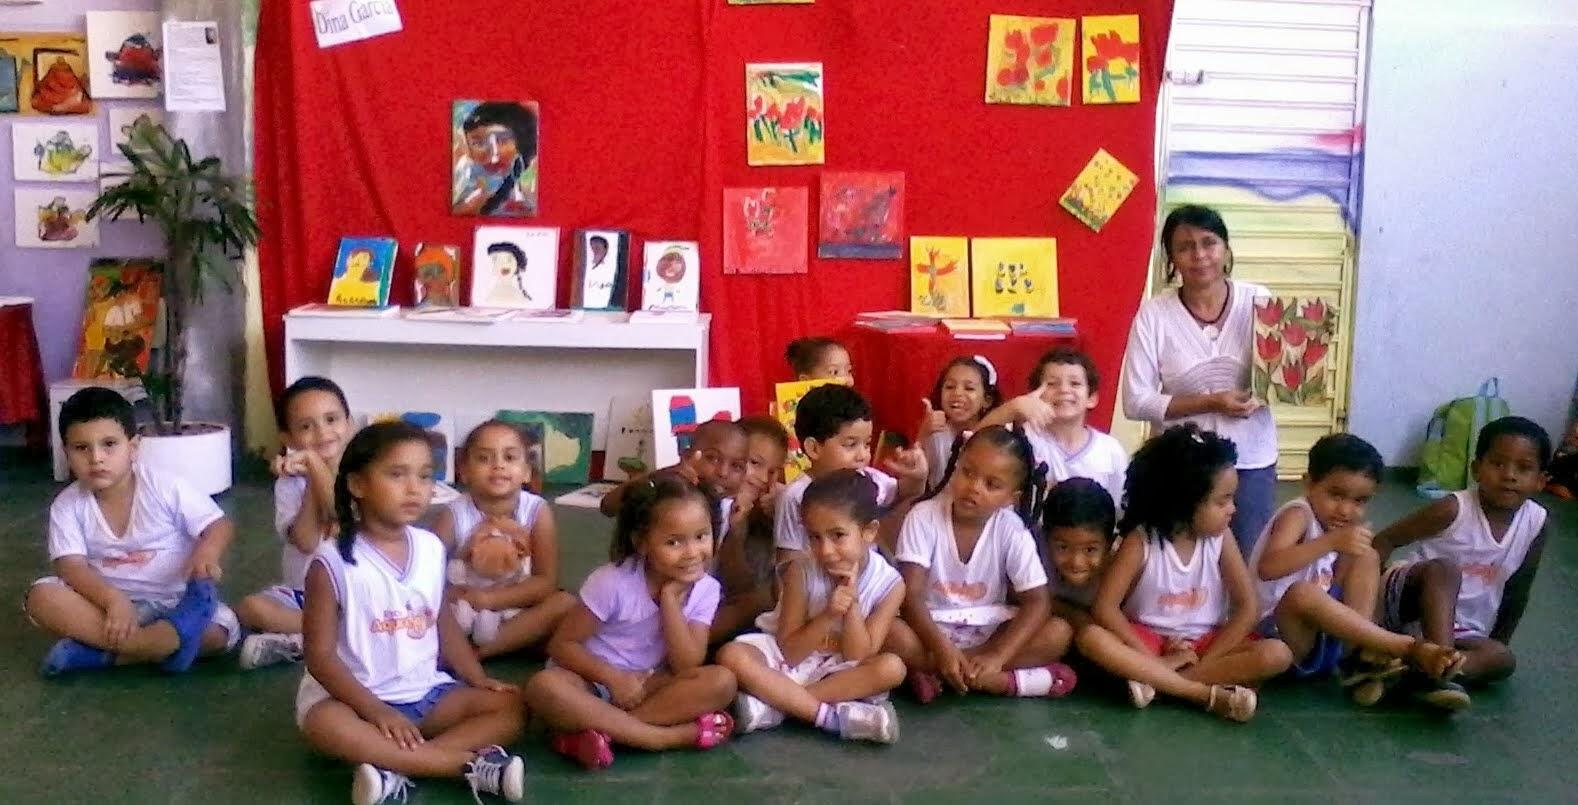 PROJETO CULTURAL VIDA EM ARTE DA ESCOLA AQUARELA - CRUZ DAS ALMAS - BAHIA - RELEITURA DAS TELAS QUE